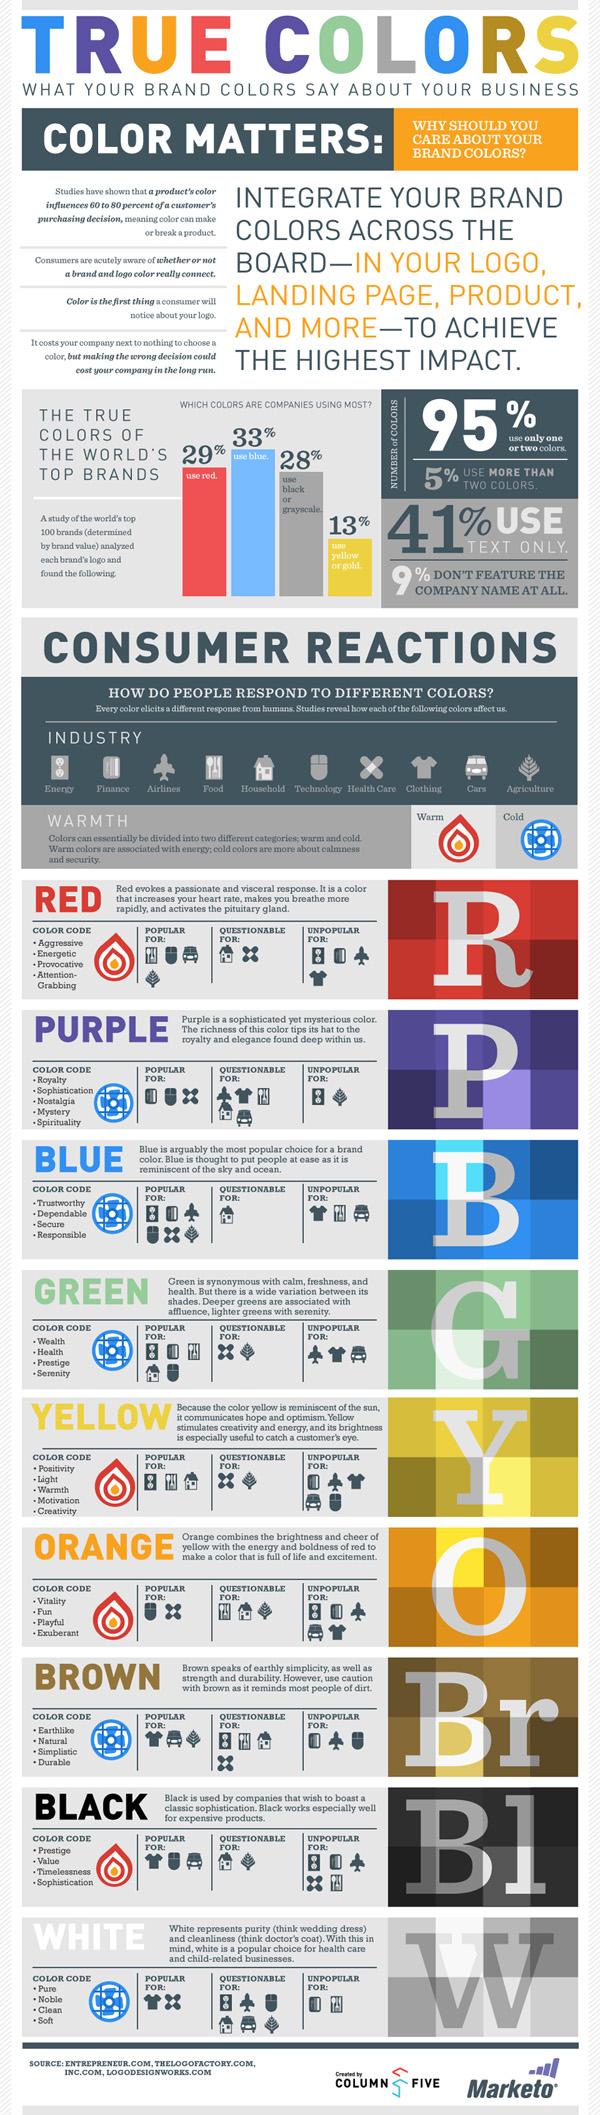 Lo que dice una marca a través del color